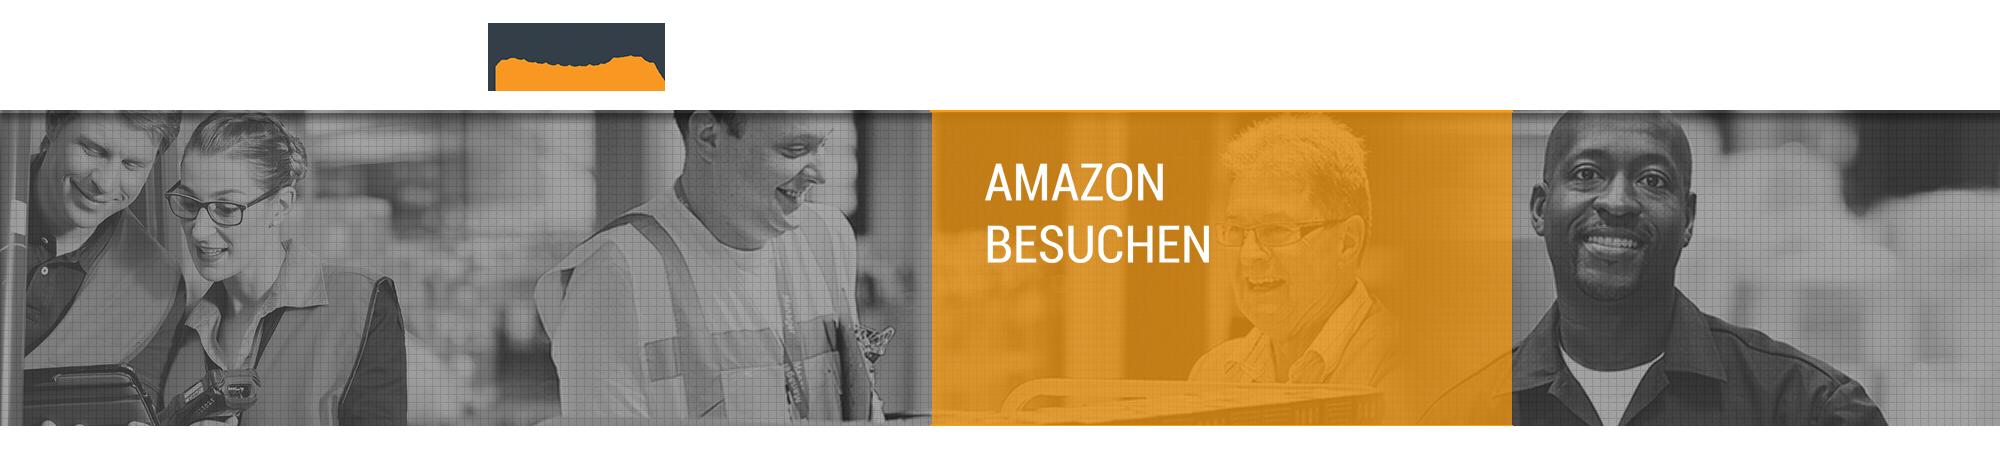 Amazon Besuchen - Koblenz (CGN1)